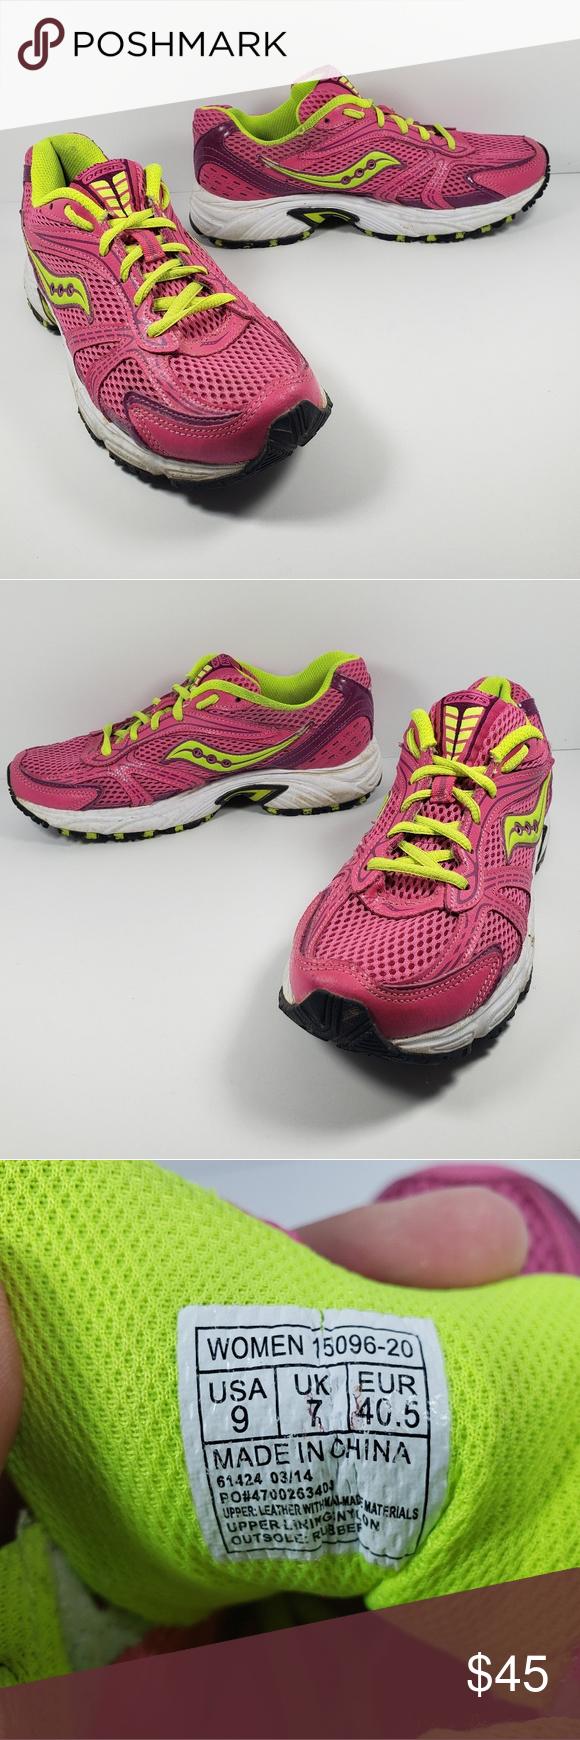 Saucony Oasis 15096-20 Sneakers Women's